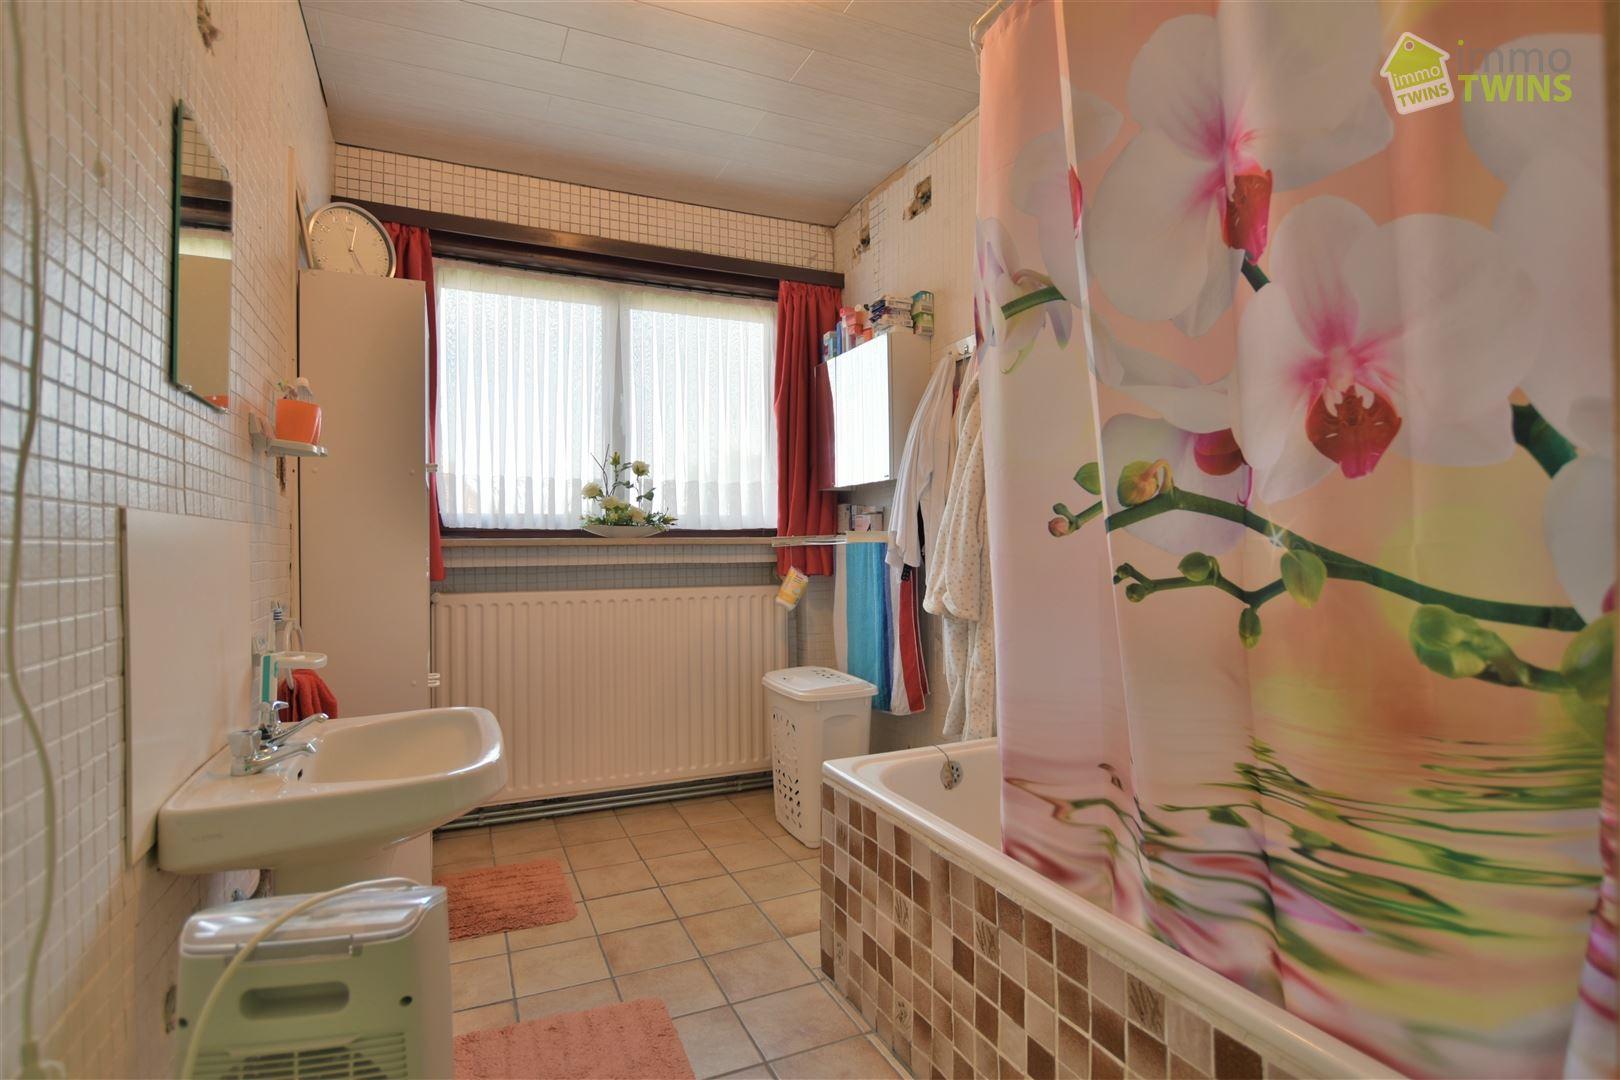 Foto 10 : Appartement te 9300 AALST (België) - Prijs € 224.000